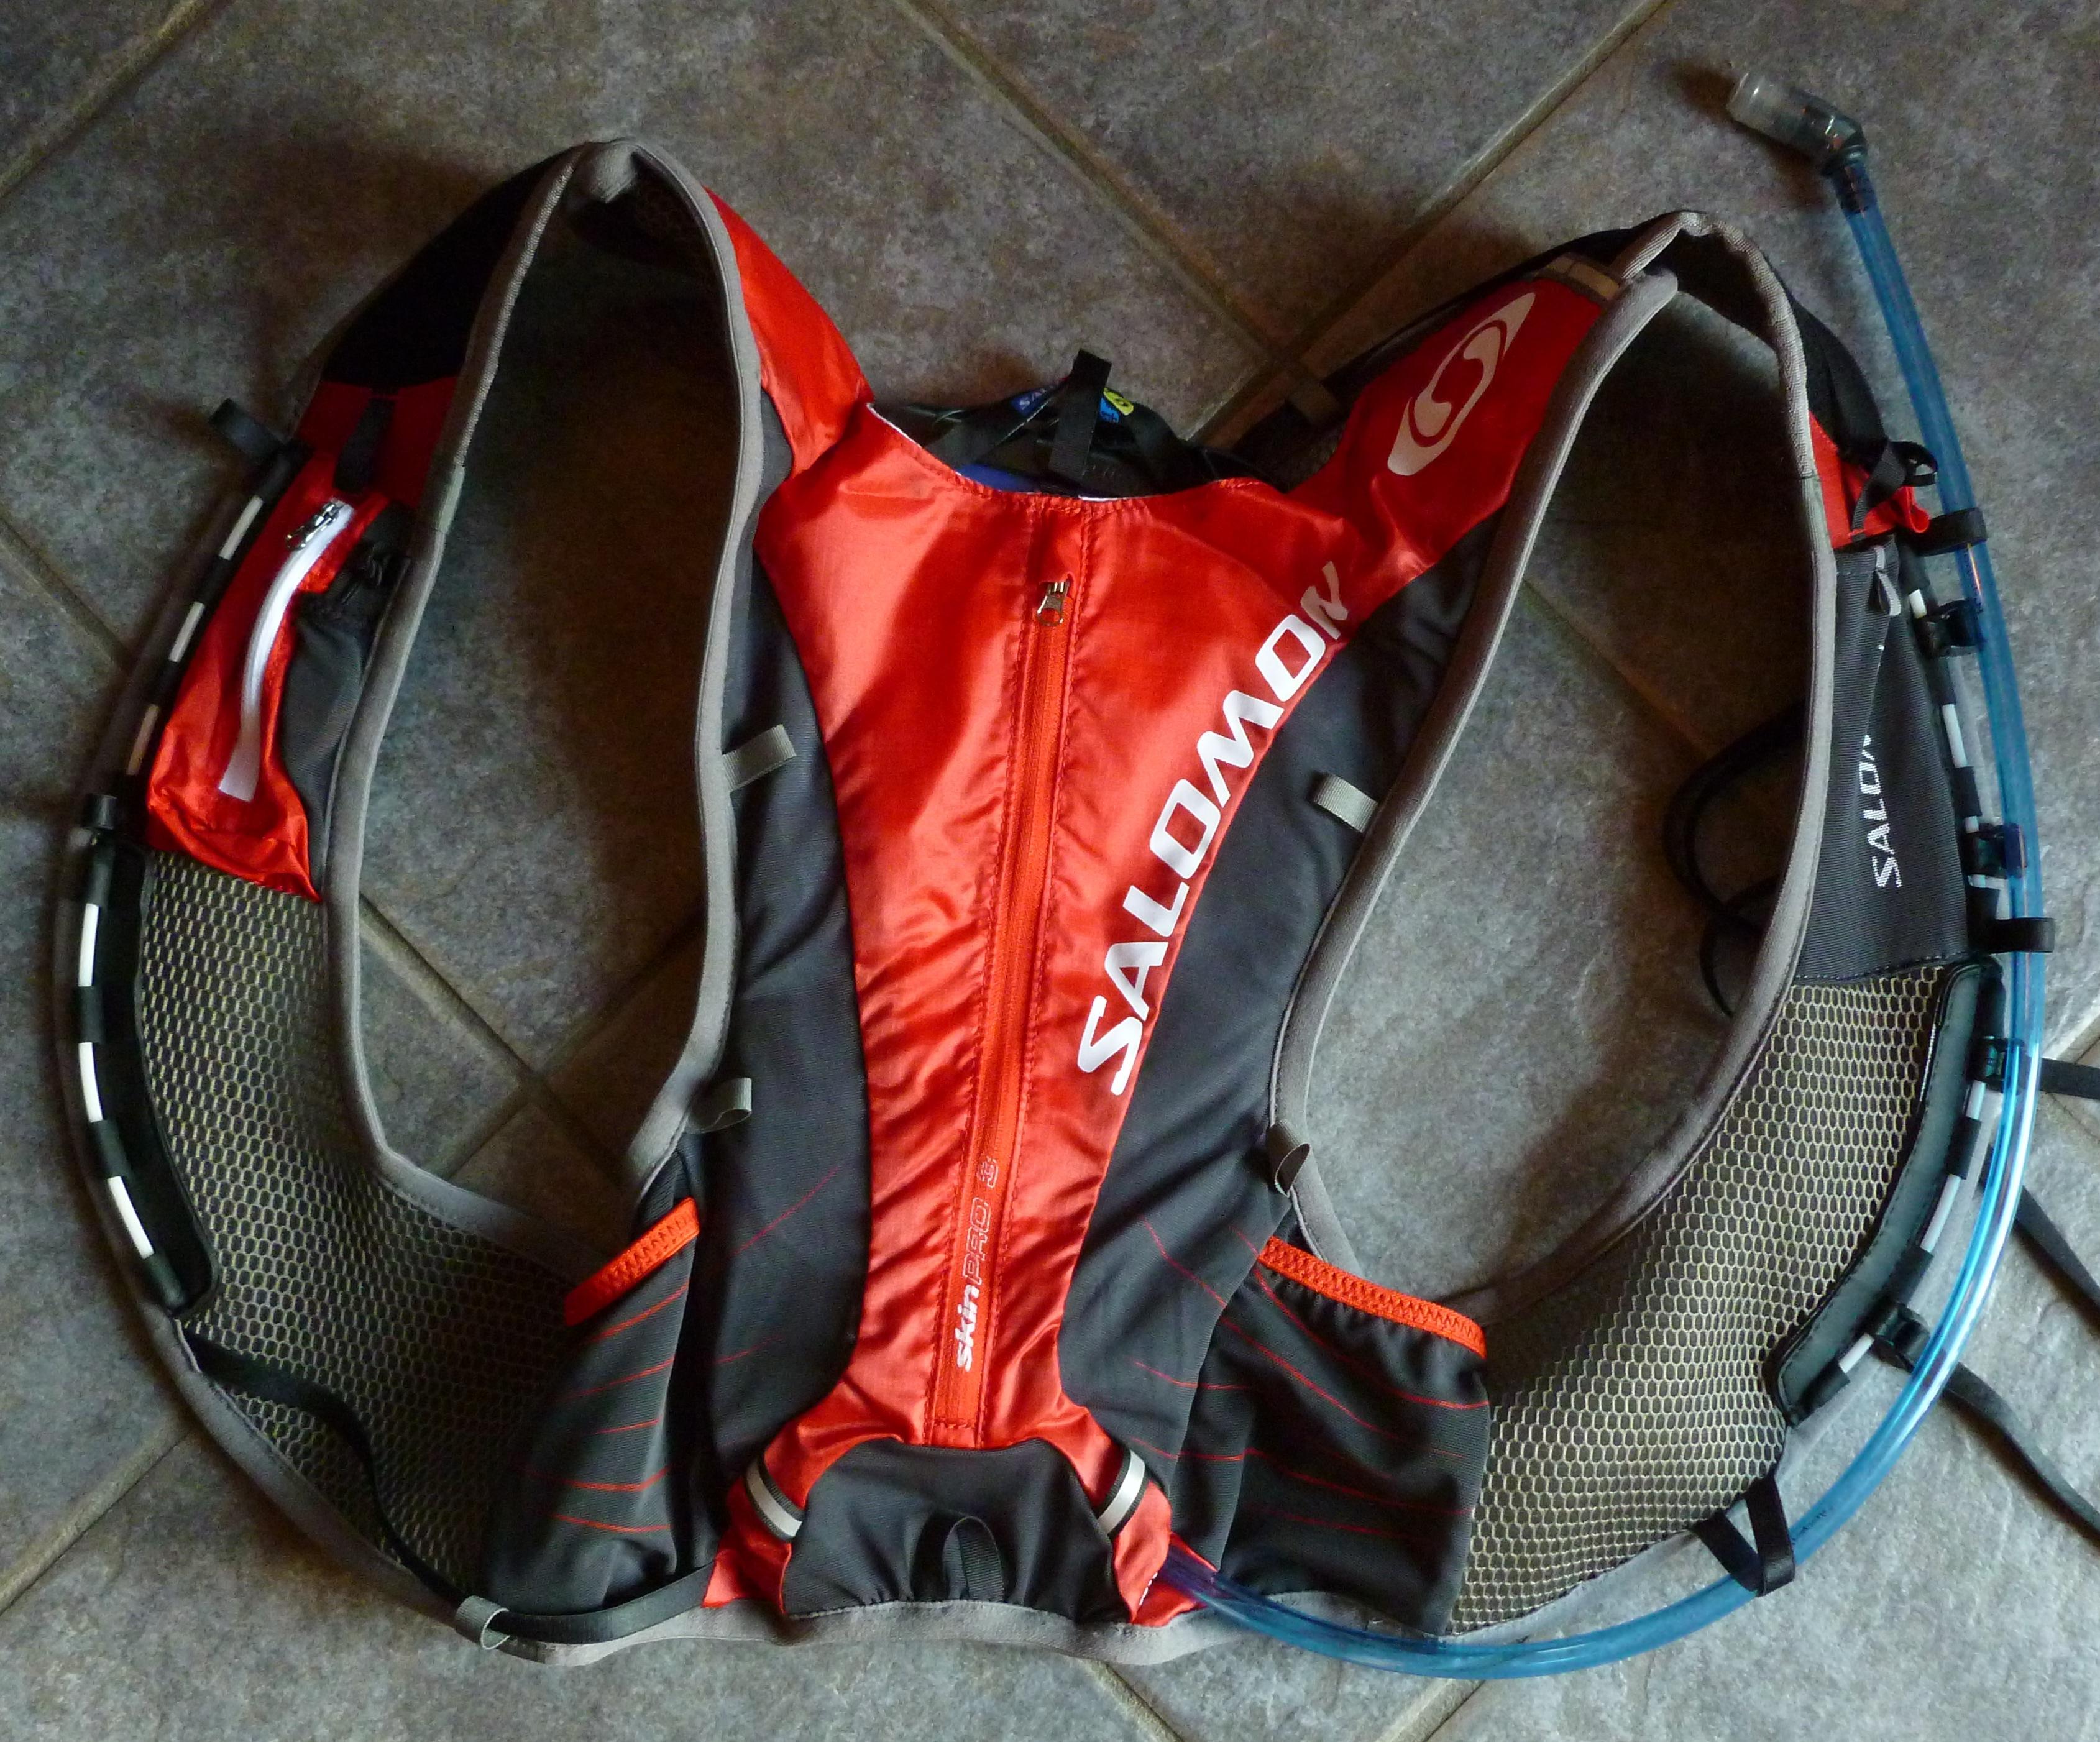 salomon skin pro 10 3 set running backpack, Salomon XA Pro